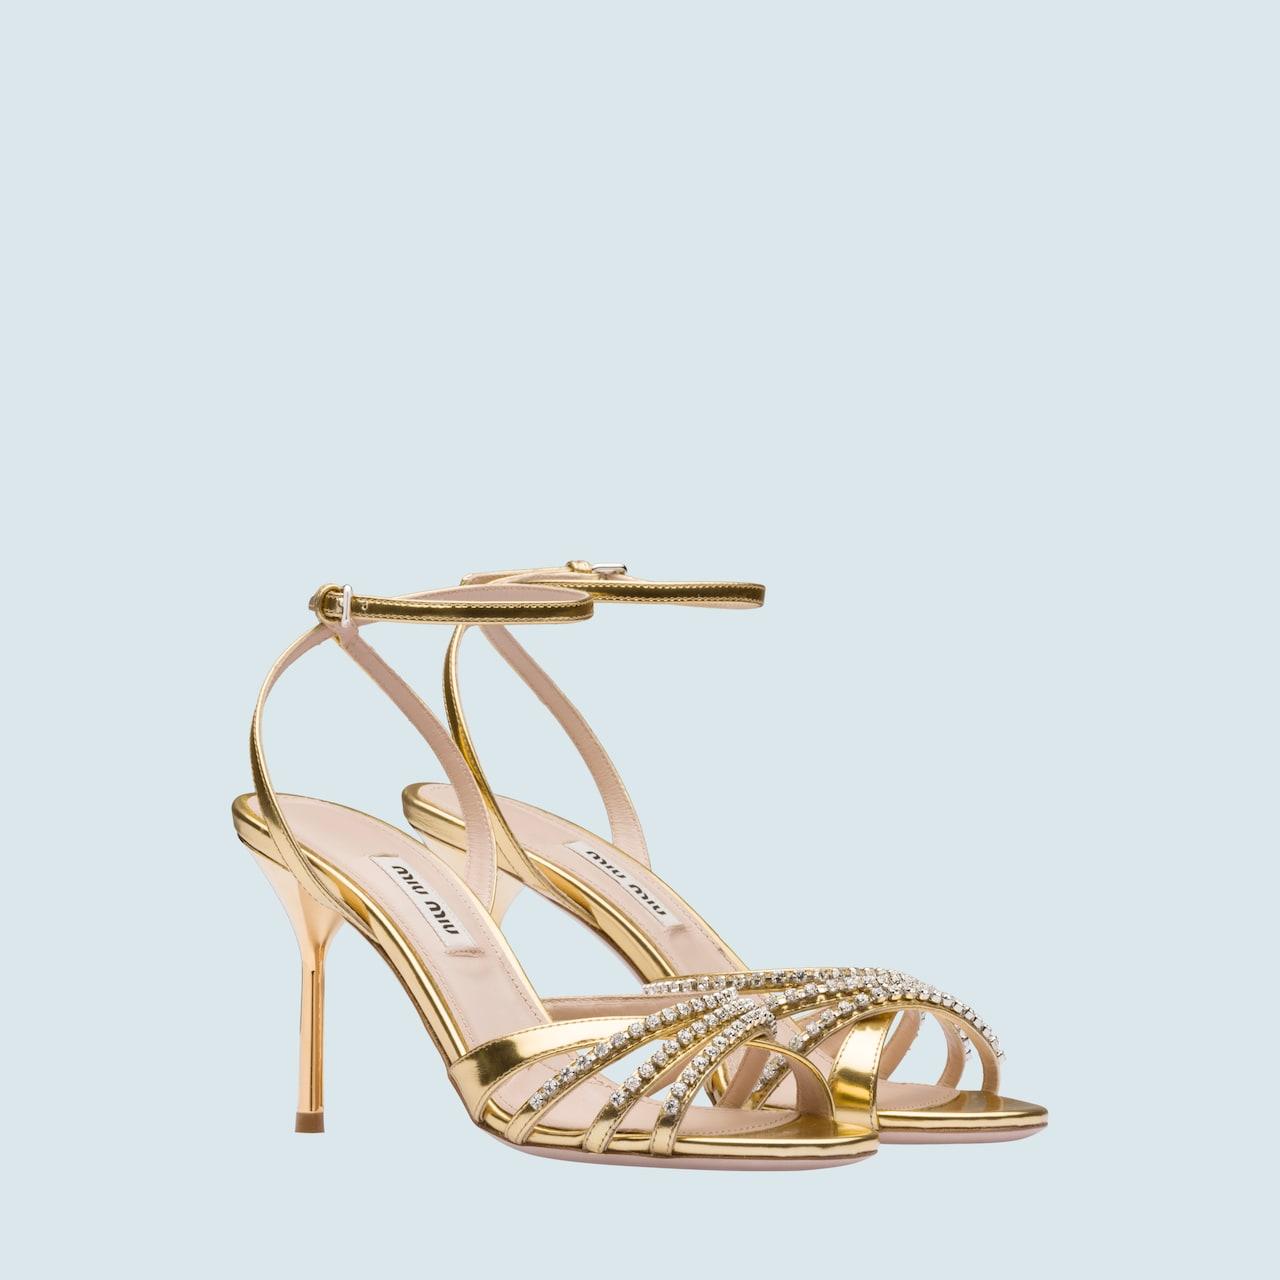 Tendenze-scarpe-primavera-estate-2020-Miu-Miu-1